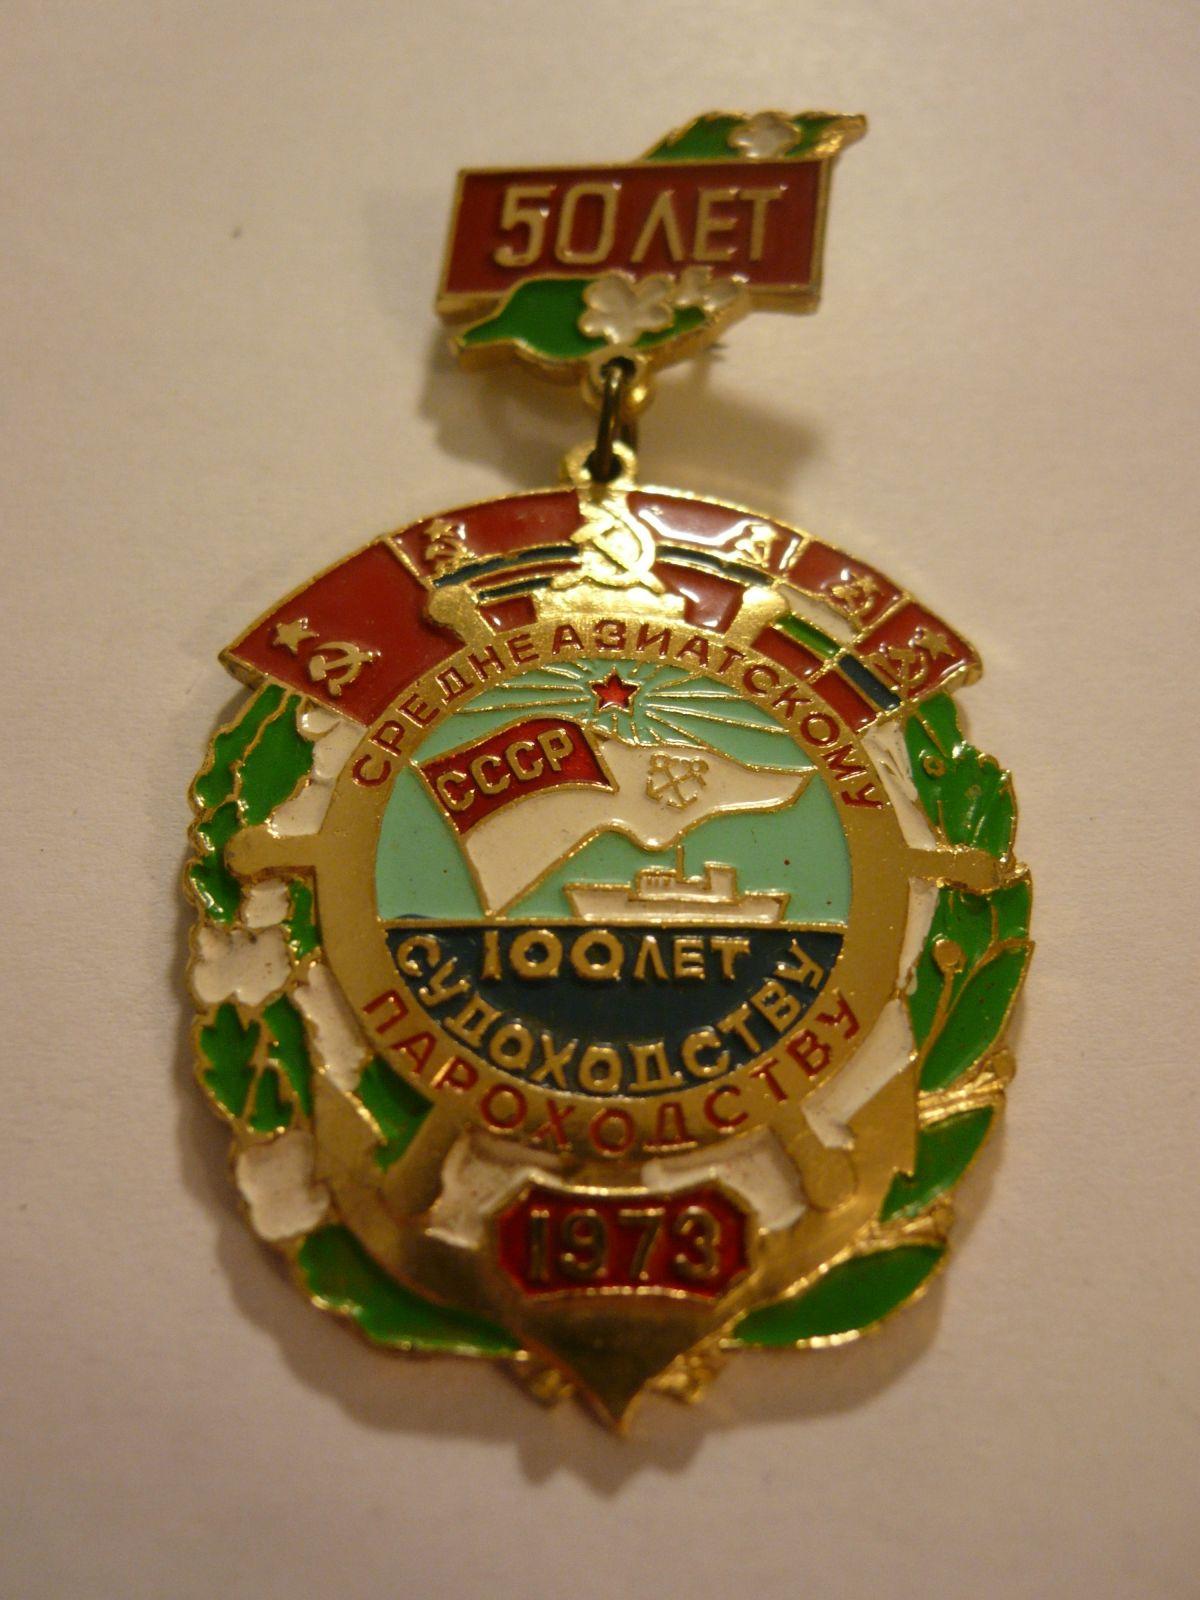 50 let vojenského námořnictva, SSSR